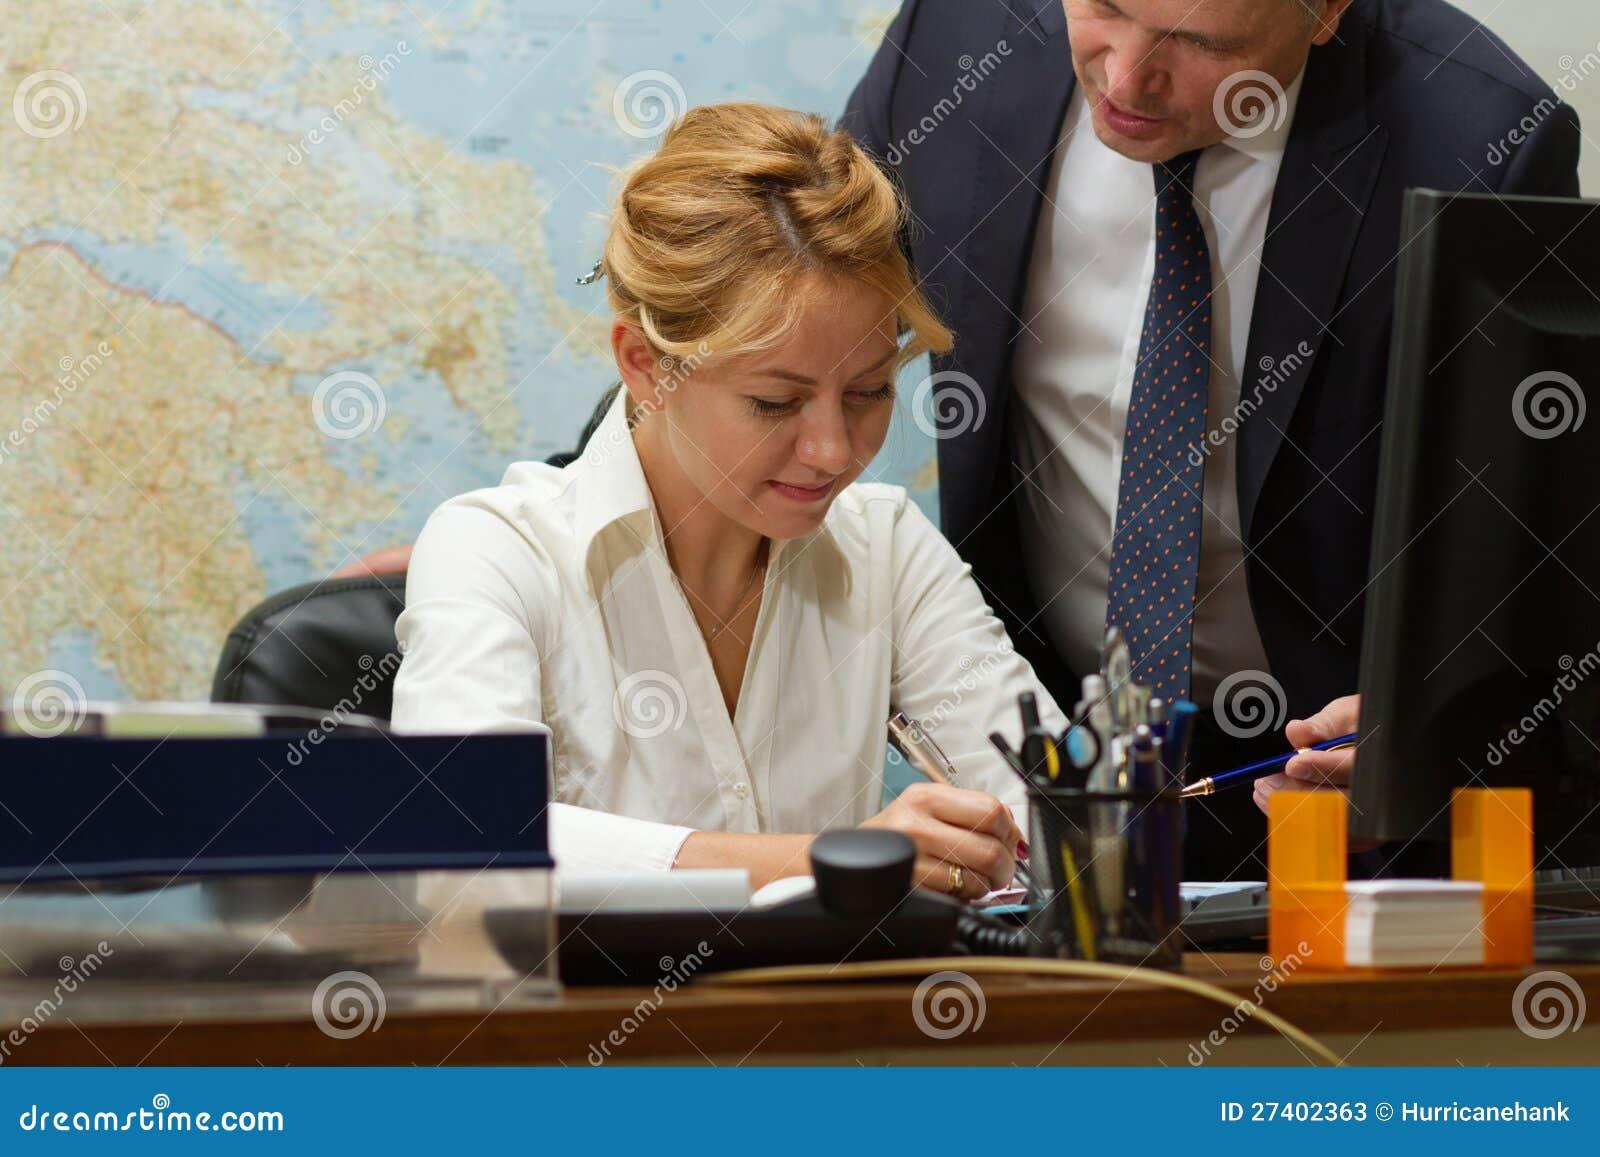 Рассказ шеф и секретарша, Лариса Маркиянова. Секретарша босс (рассказ) 24 фотография